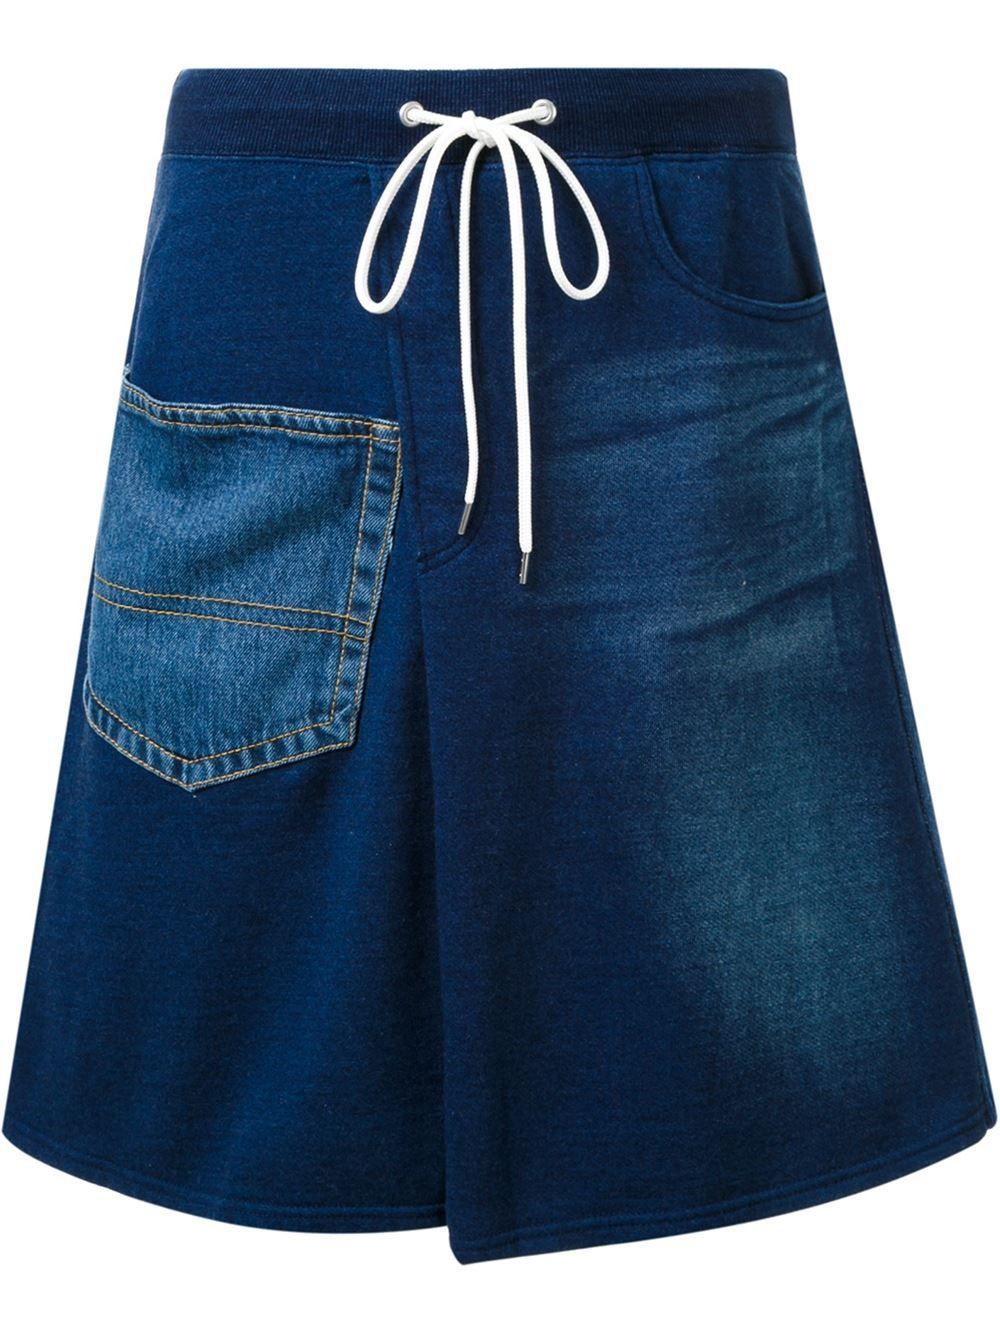 Mihara Yasuhiro falda denim con cordones